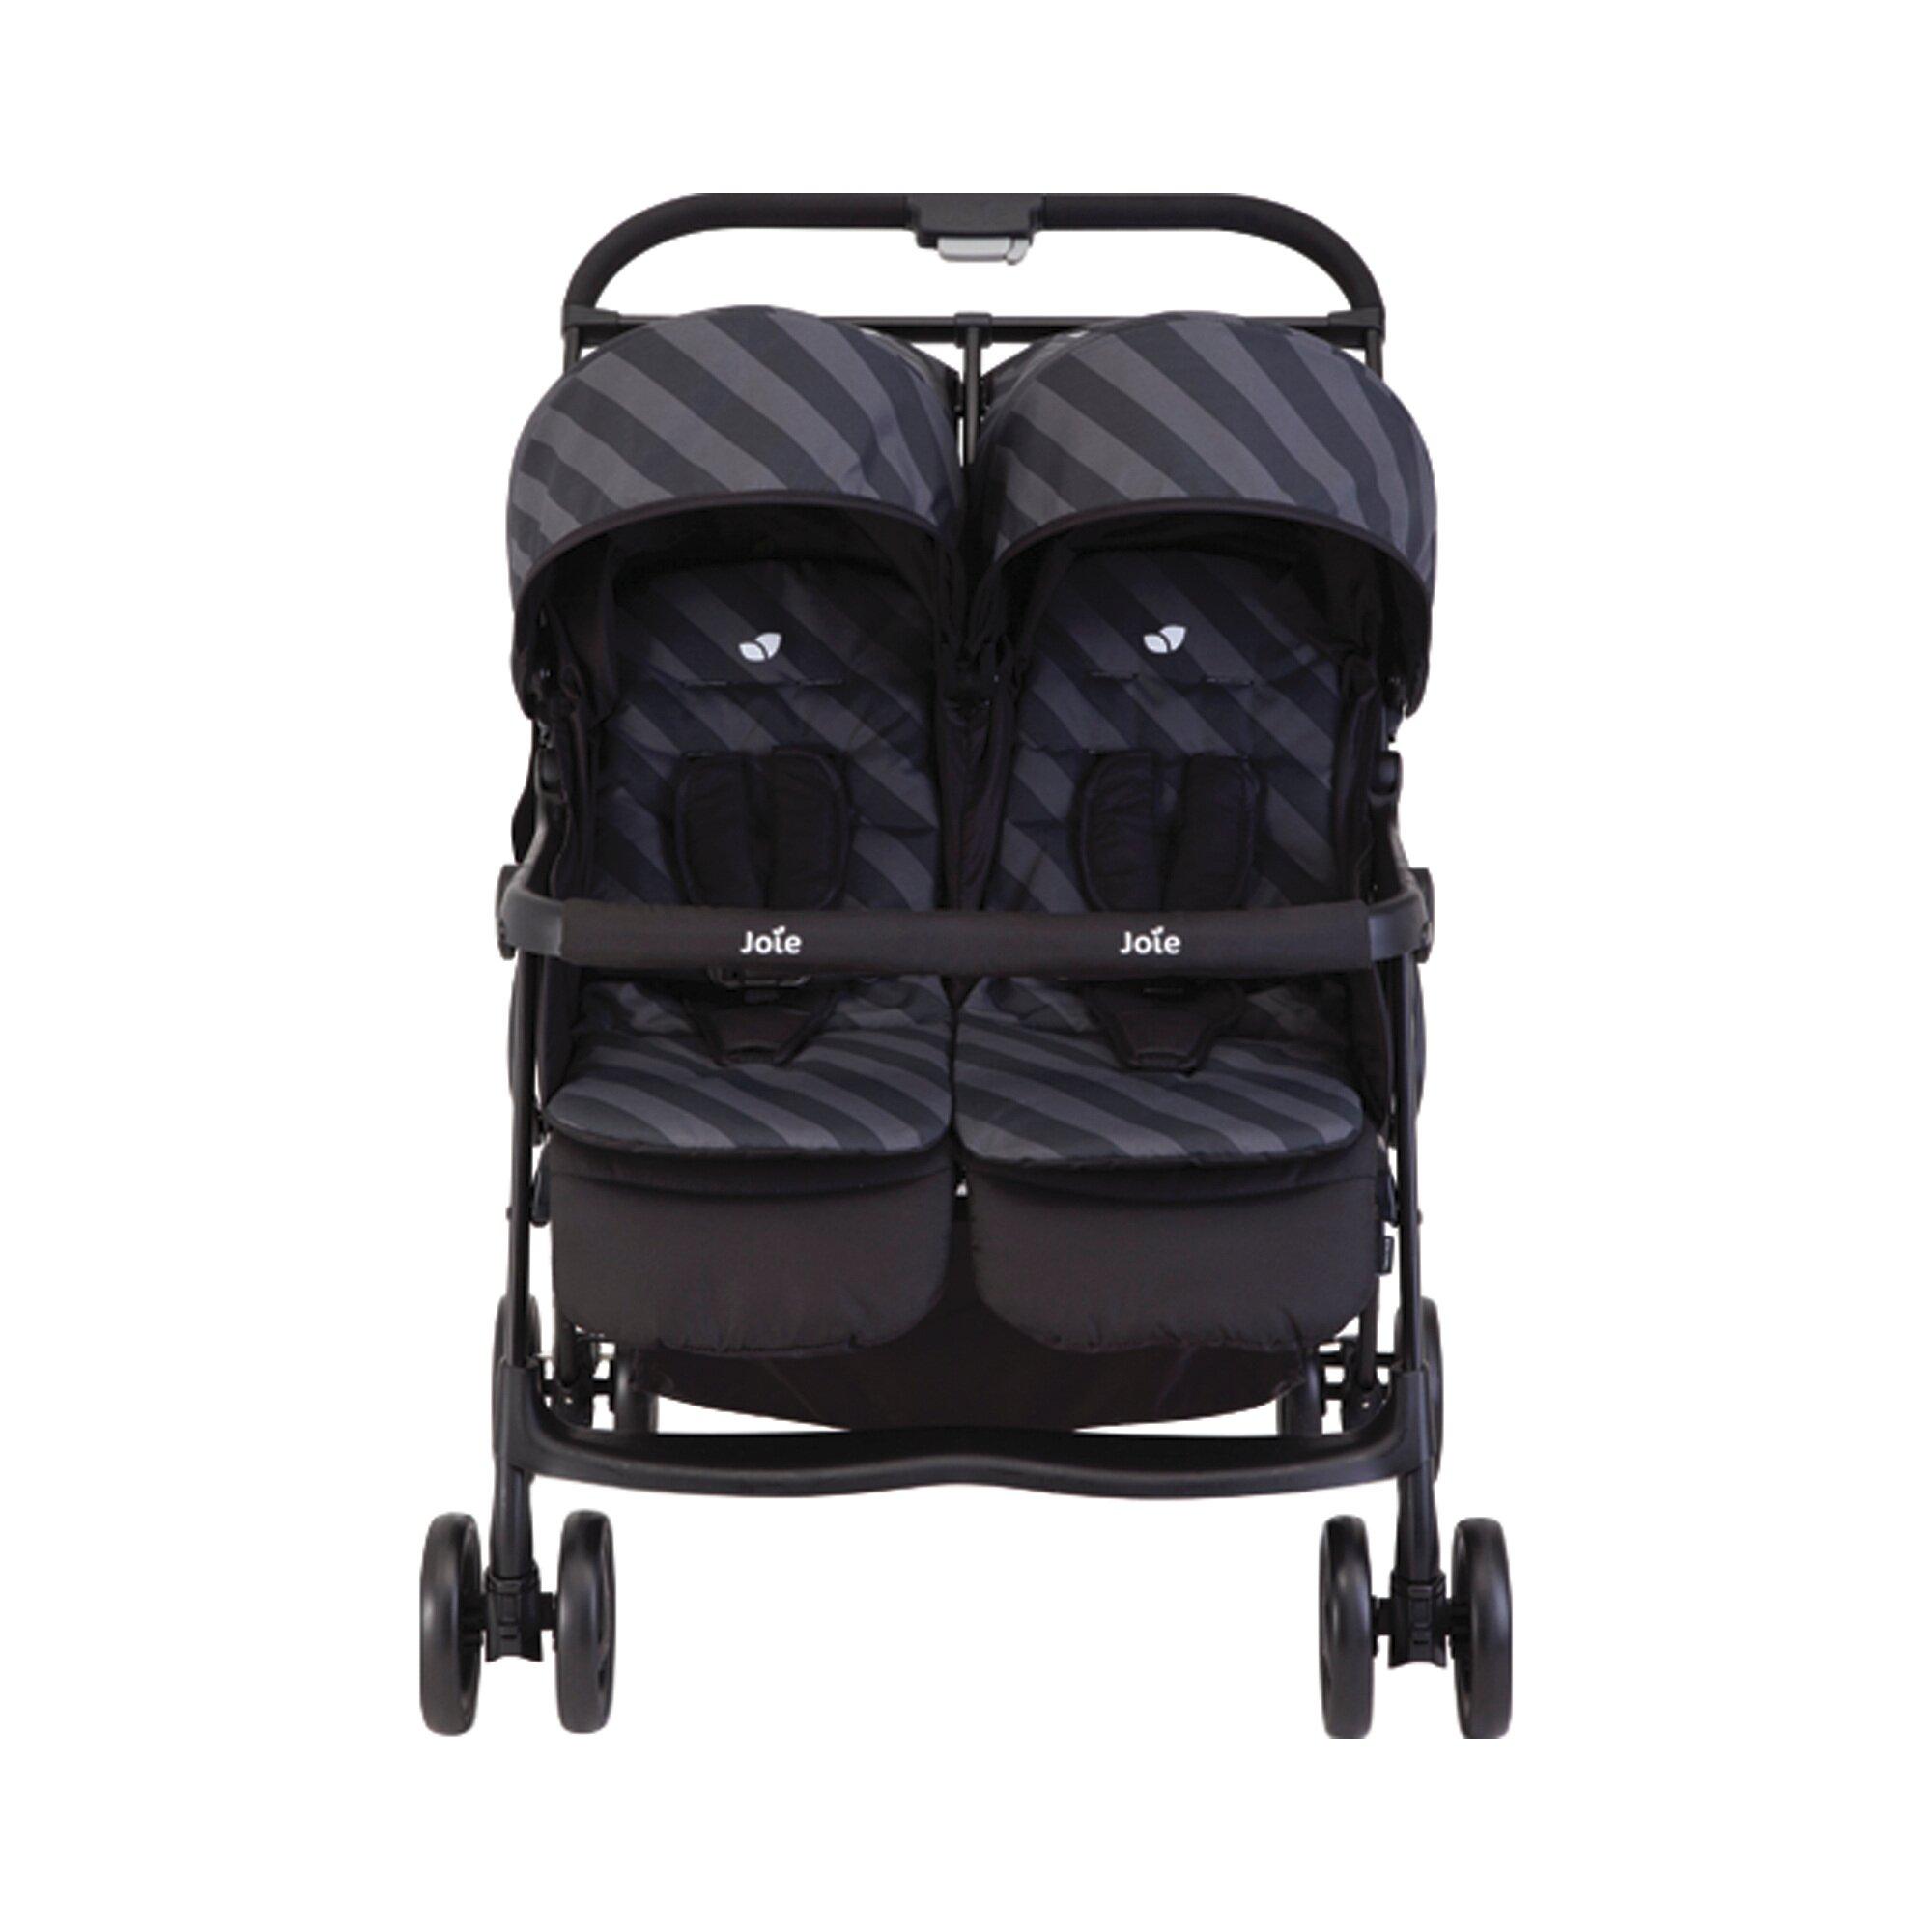 joie-aire-twin-kinderwagen-zwillingswagen-design-2016-schwarz, 158.99 EUR @ babywalz-de